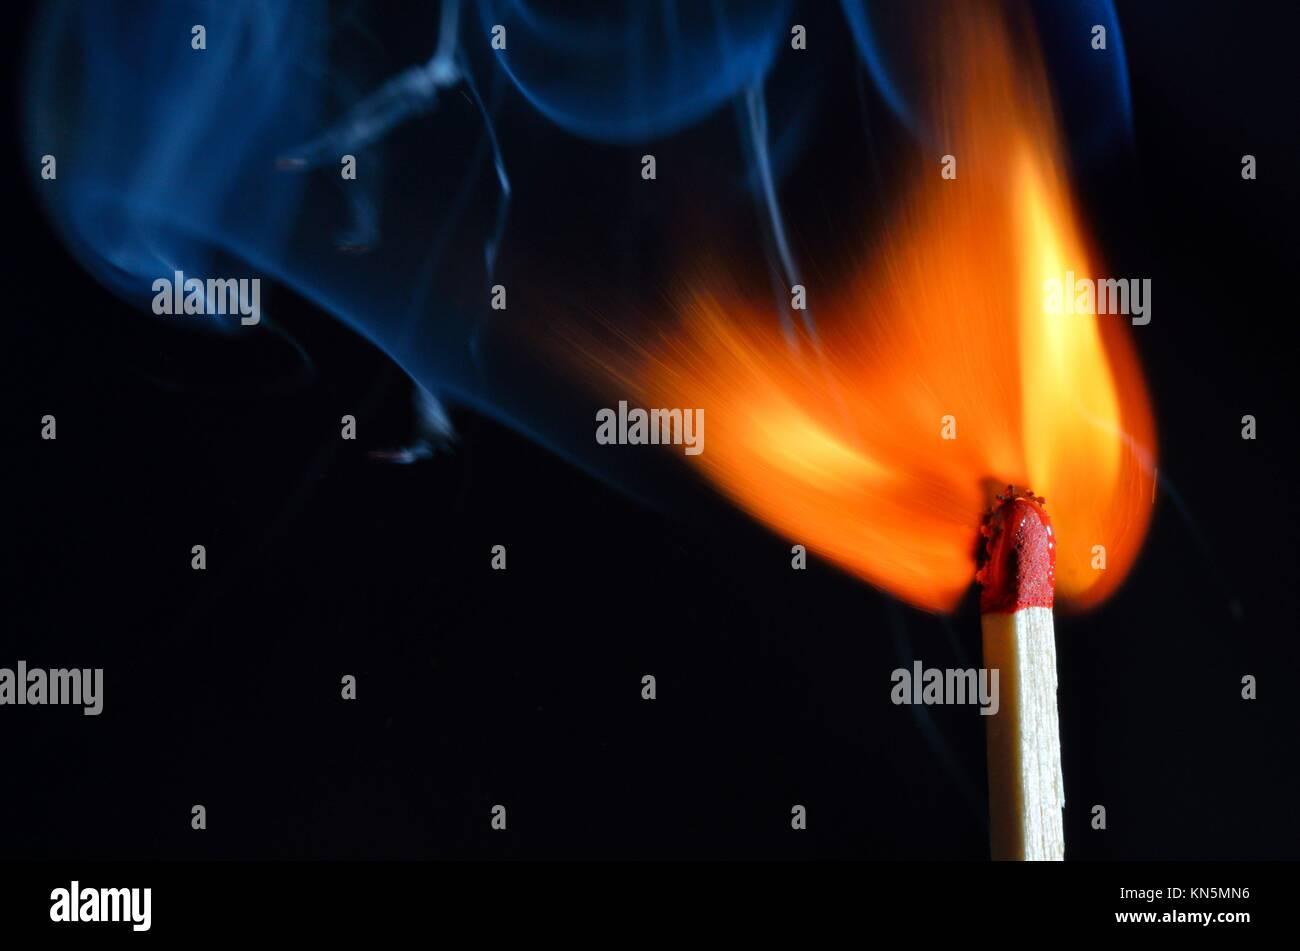 Burning match over black background. - Stock Image